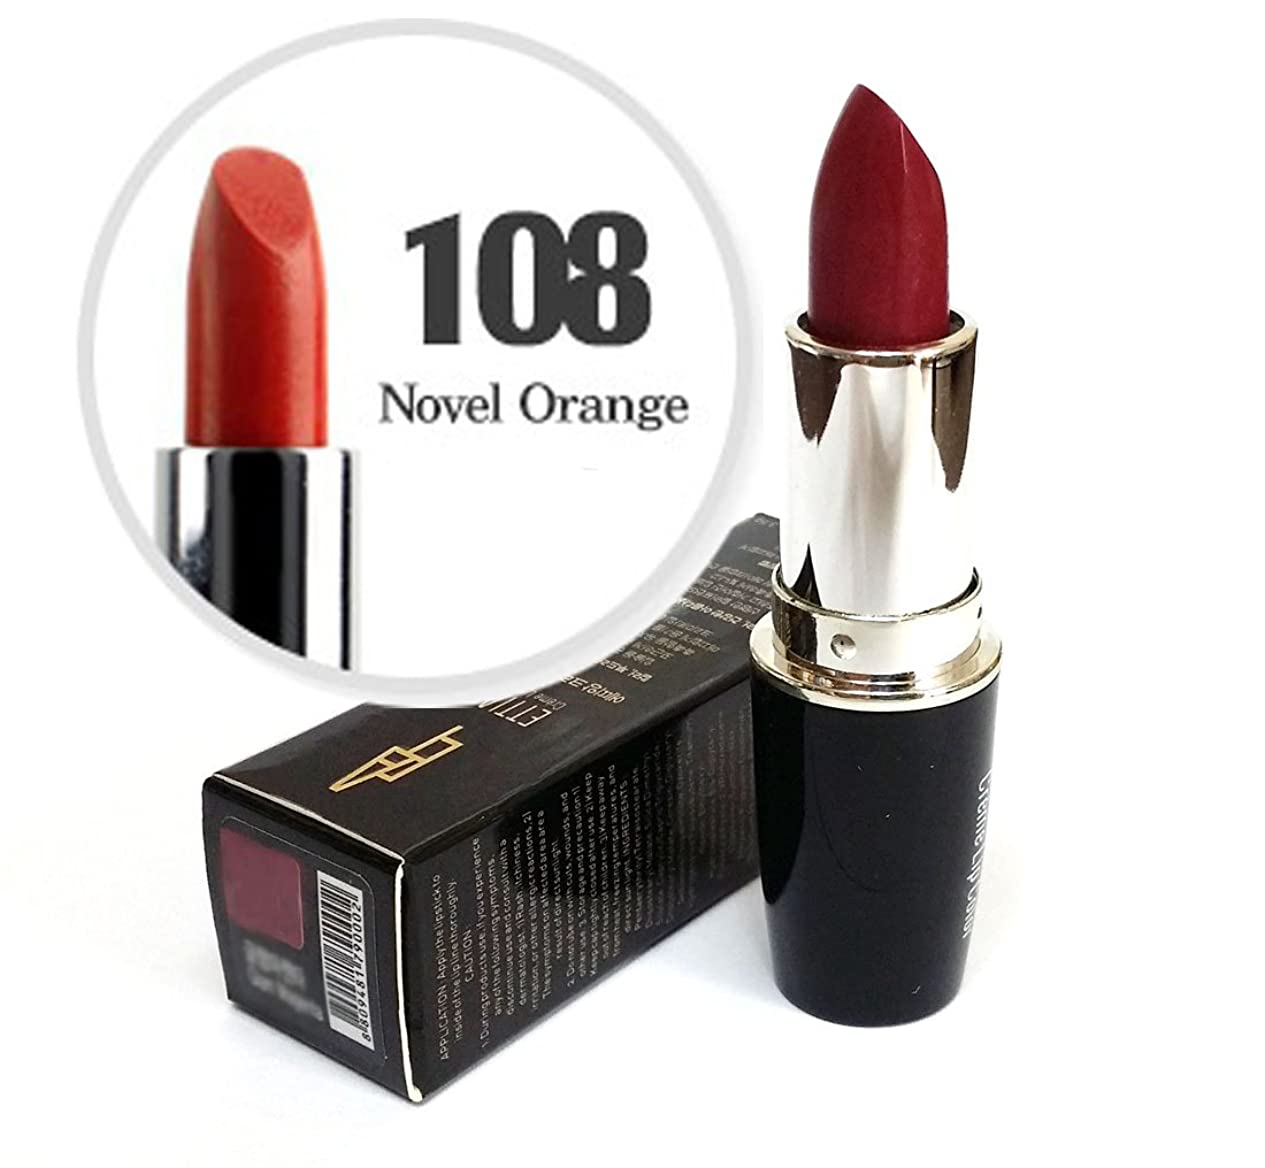 アルバム繁雑ベリ[Ettian] クリームリップカラー3.5g / Cream Lip Color 3.5g / 新しい口紅 #108小説オレンジ/ New Lipstick #108 Novel Orange / ドライ感じることはありません / never feels dry / 韓国化粧品 / Korean Cosmetics [並行輸入品]